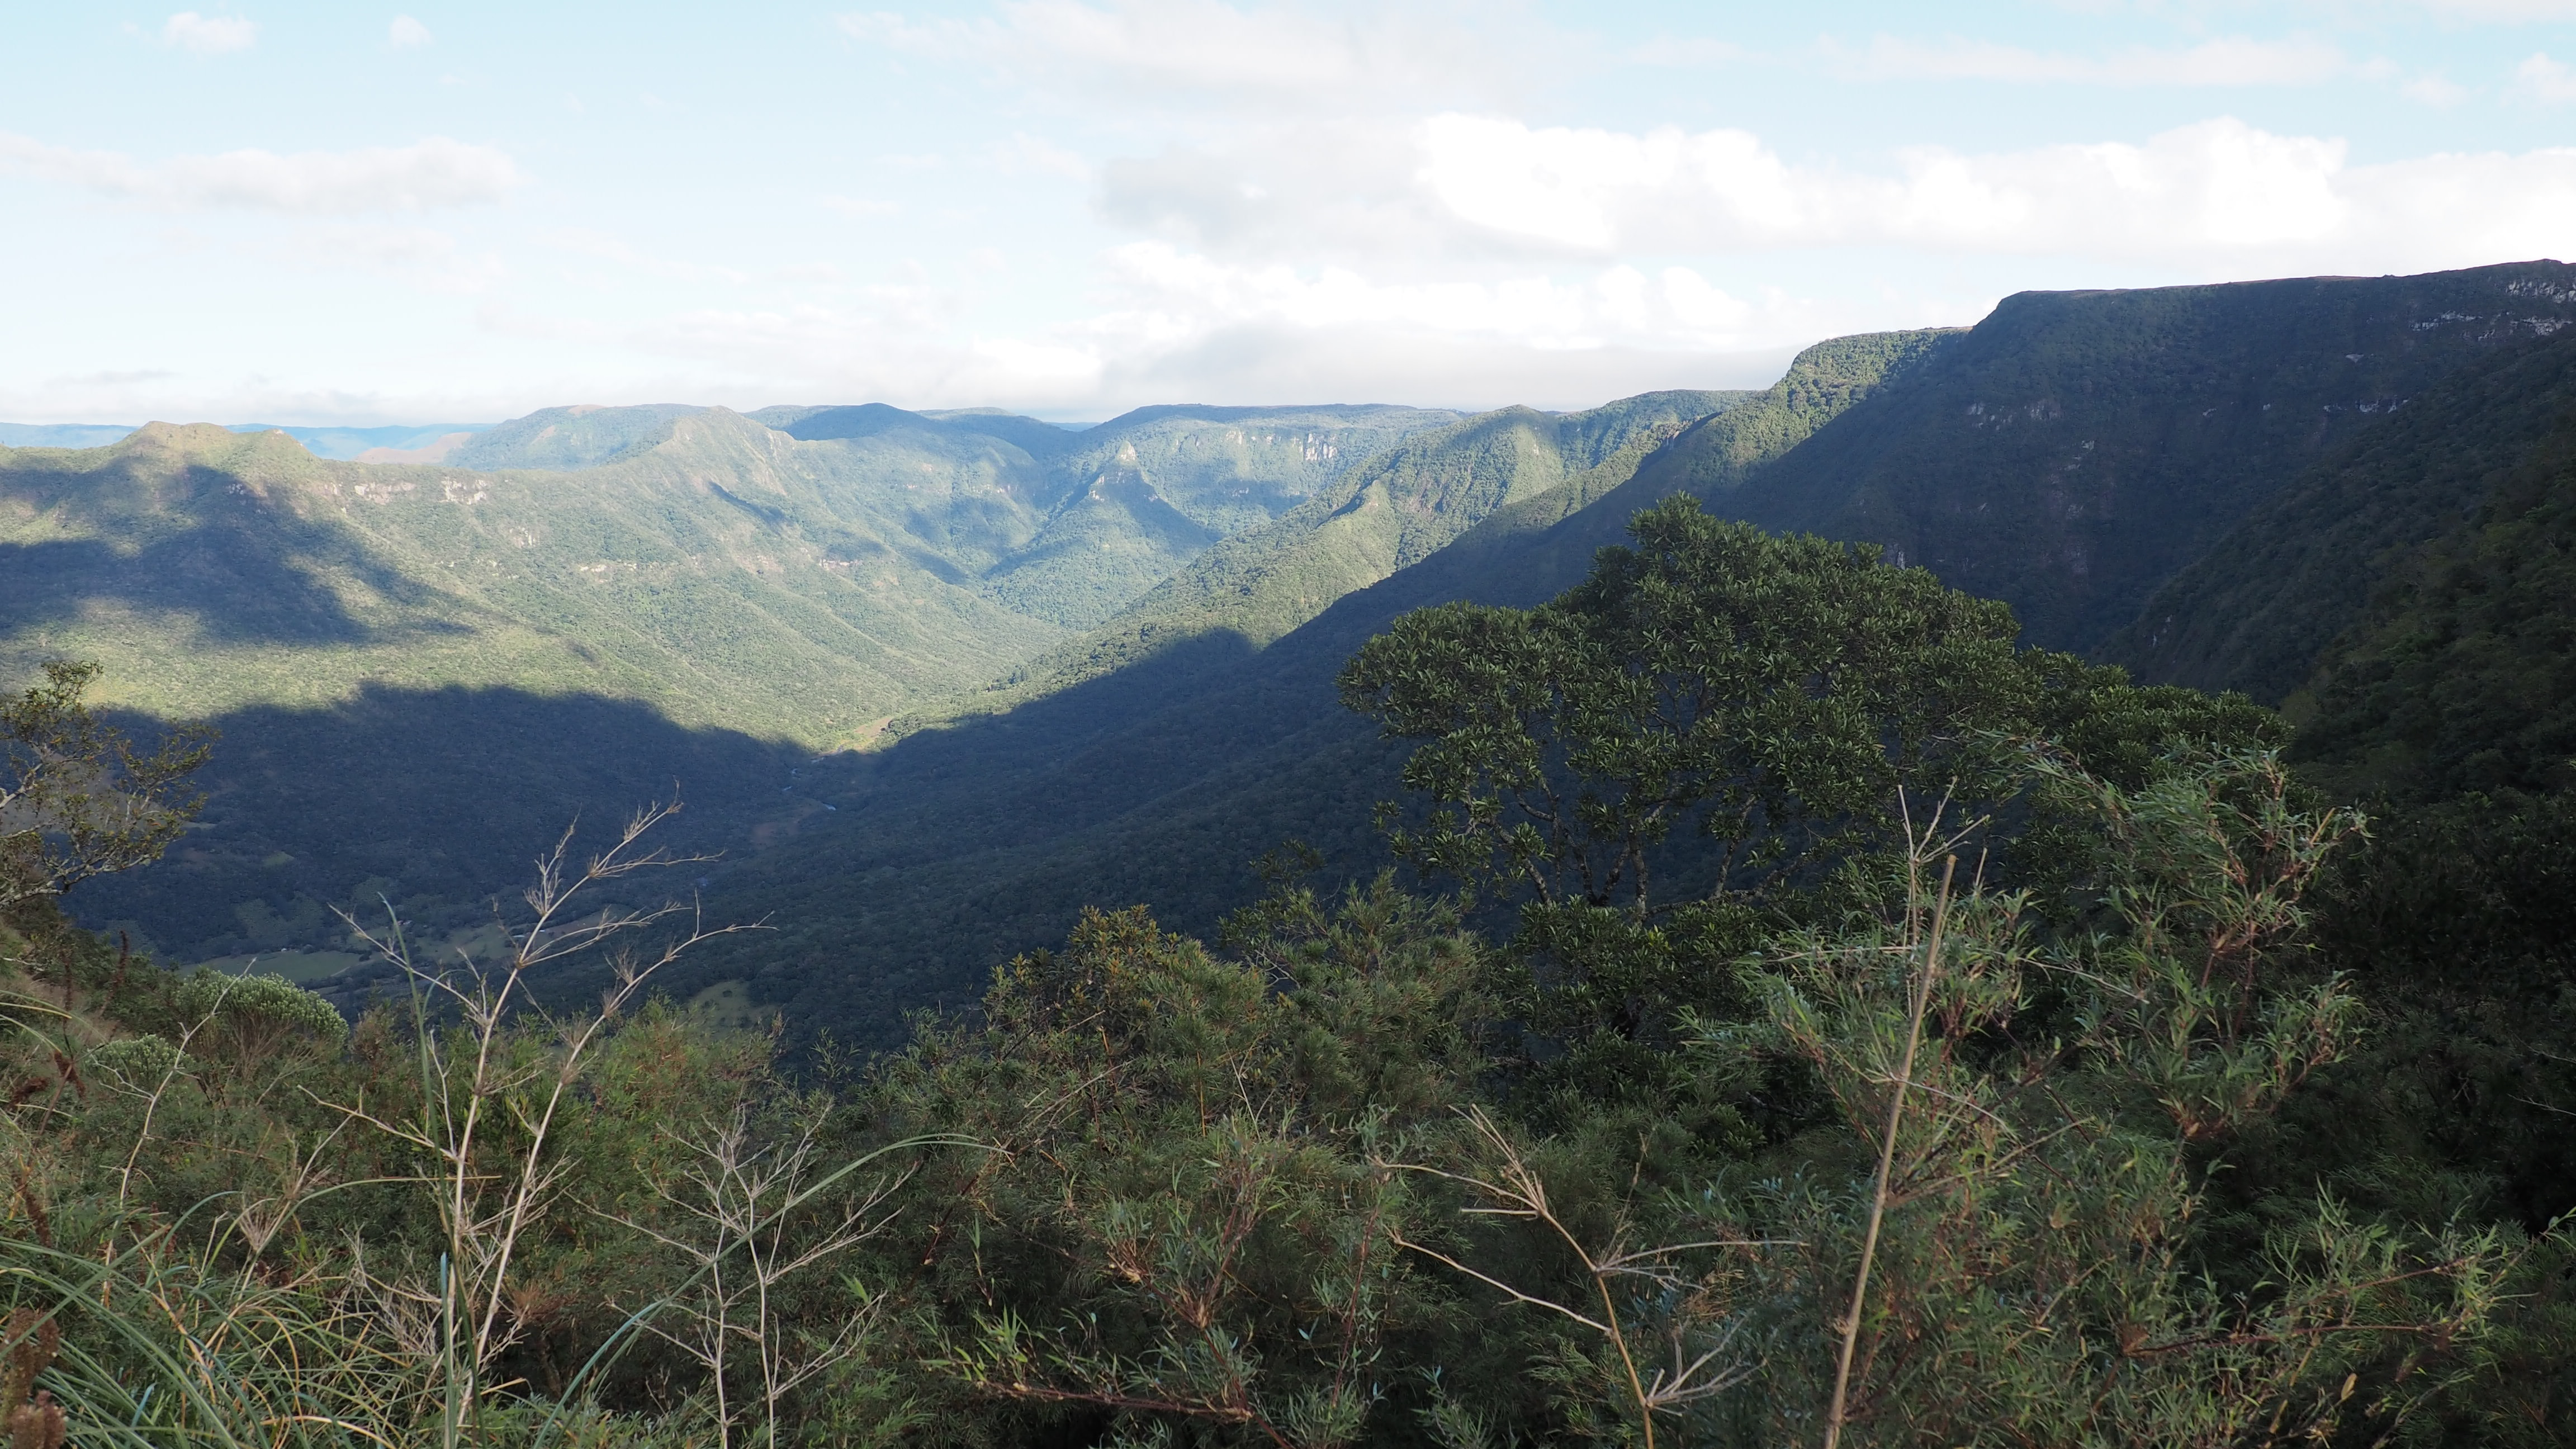 Vistas del Parque Nacional Aparados da Serra. Cómo llegar al Cañón de Itaimbezinho